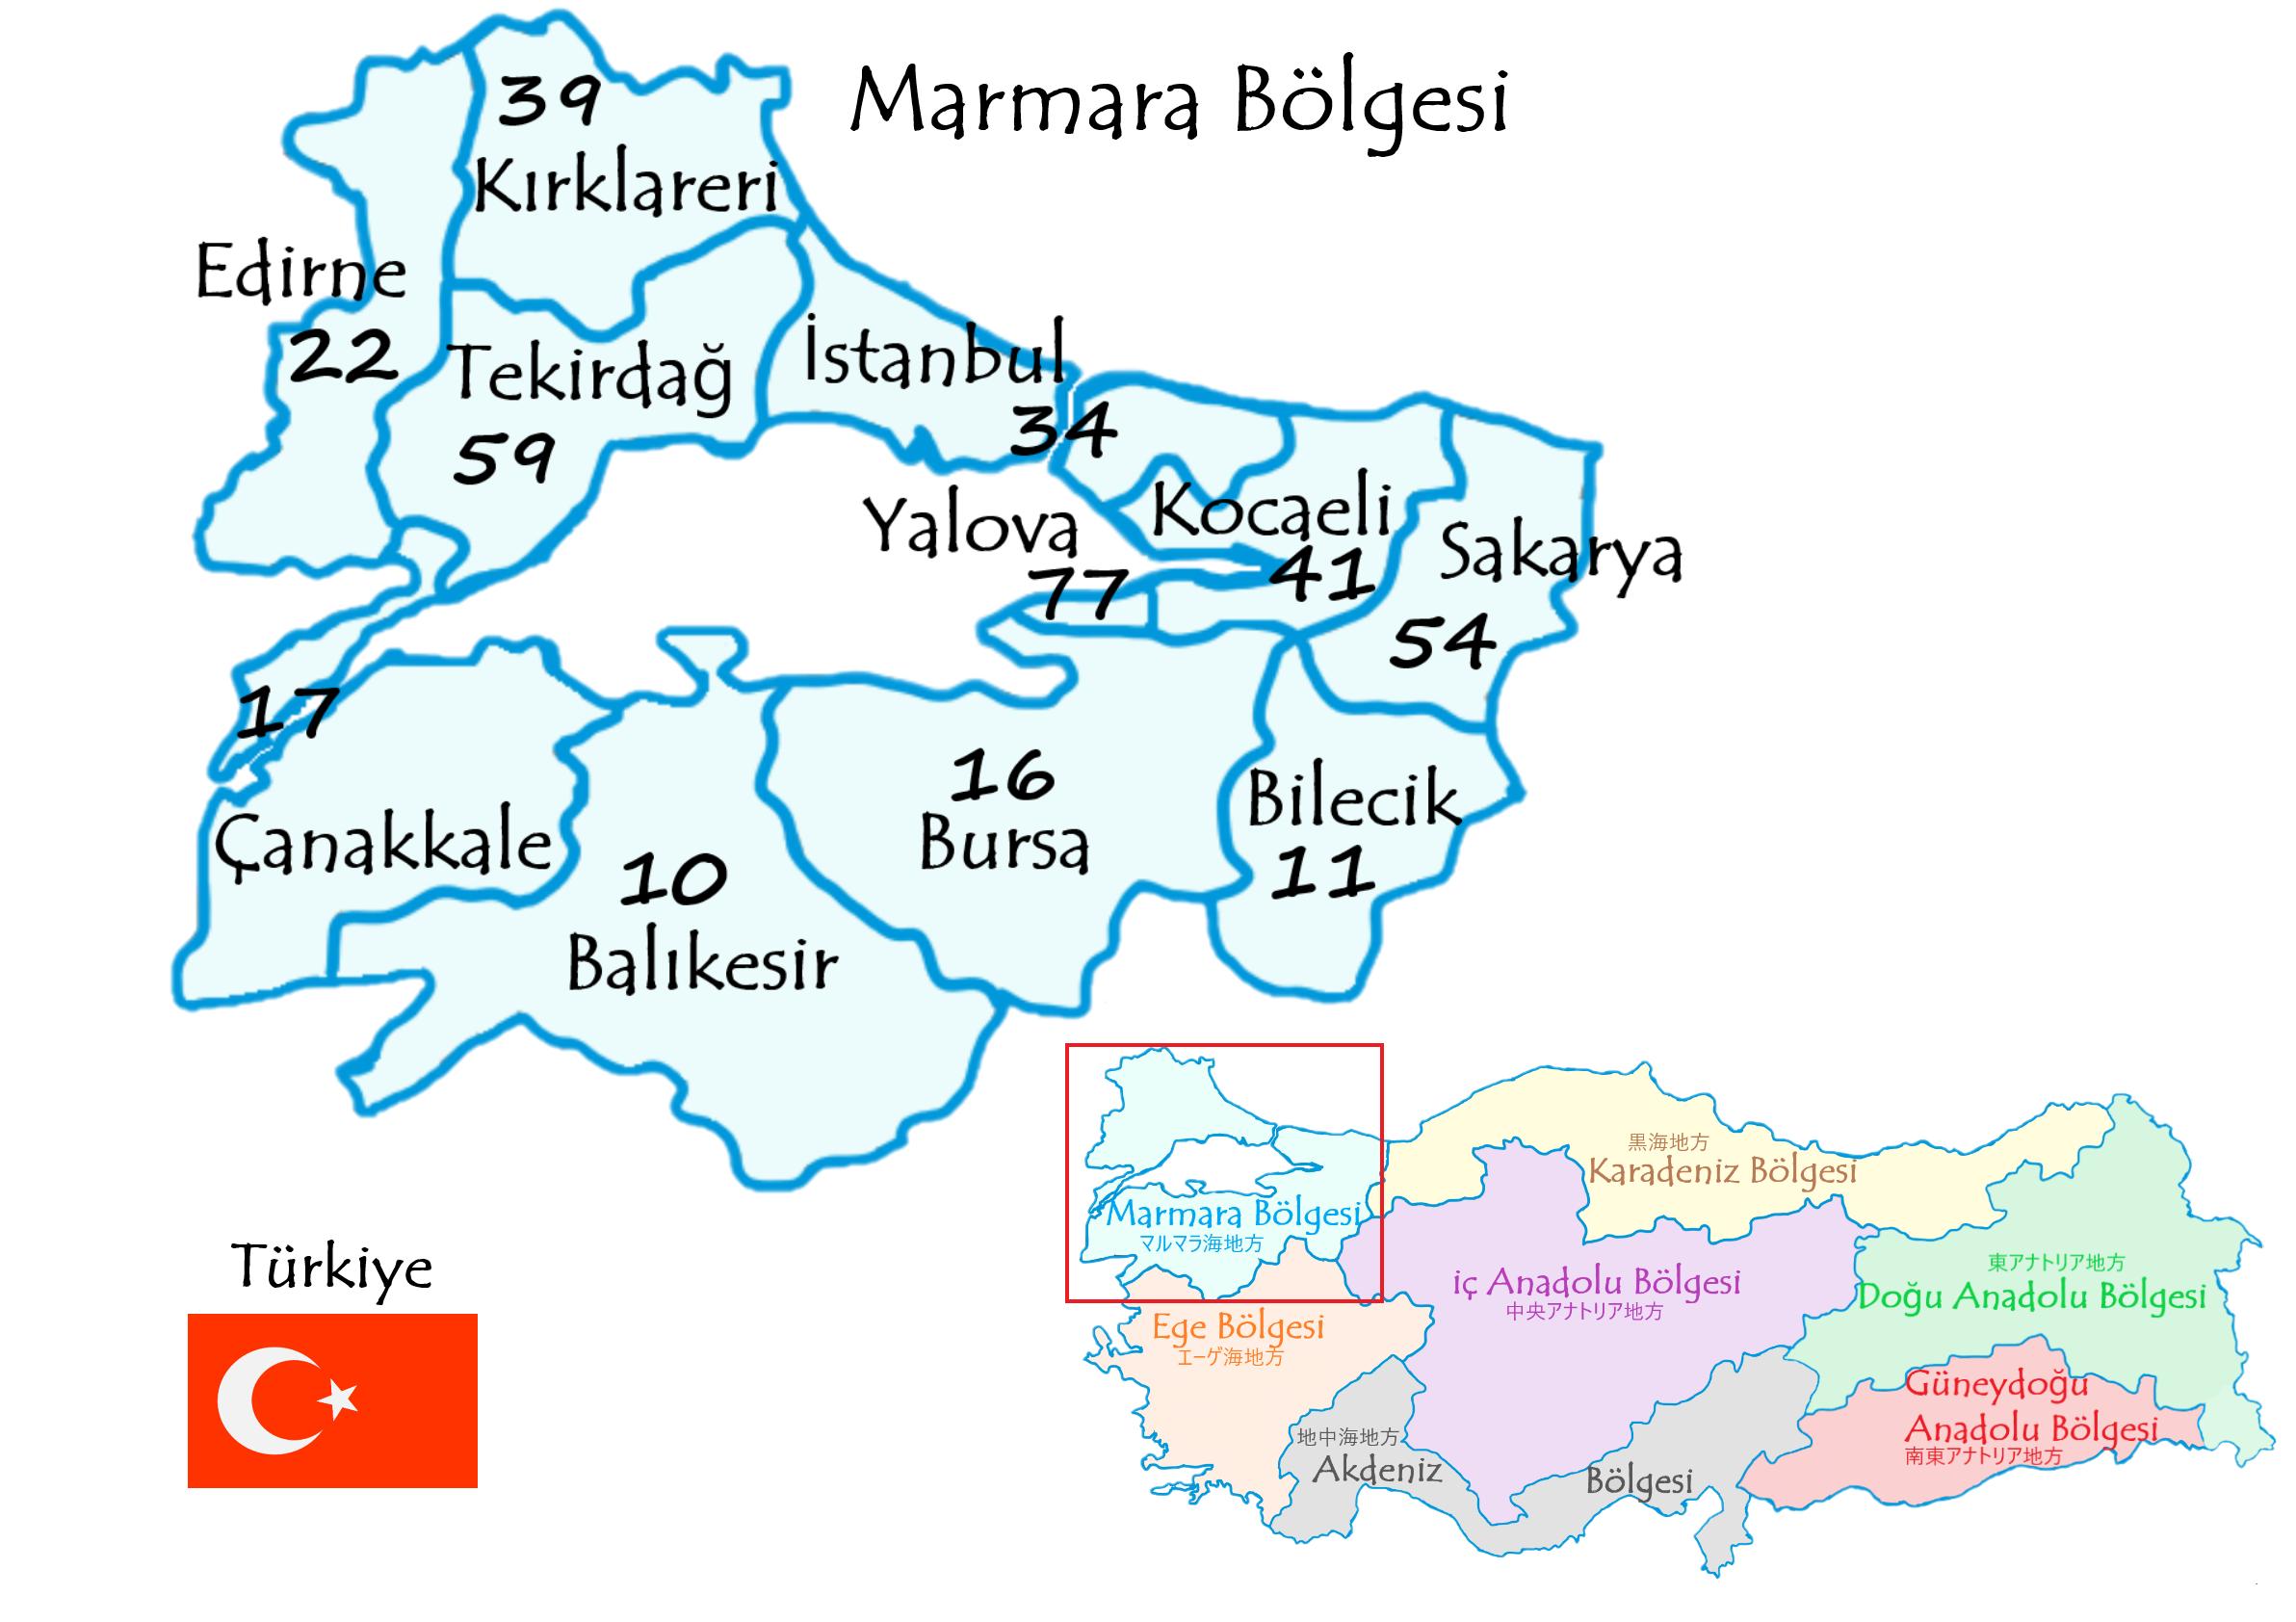 マルマラ地方